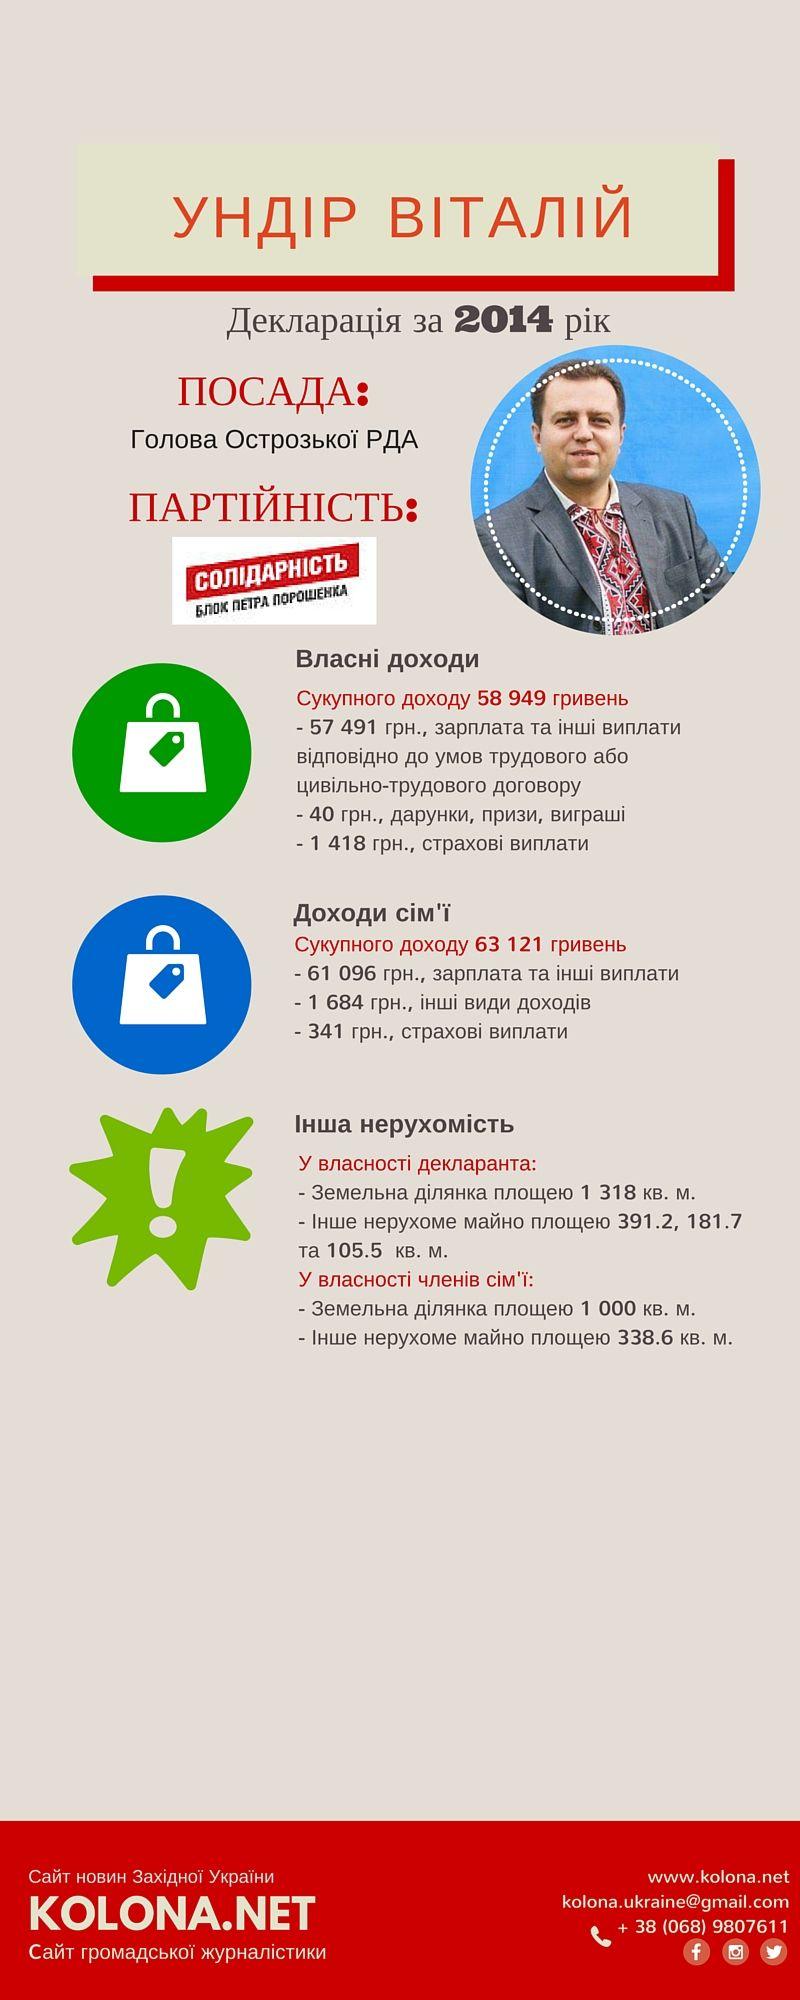 Ундір Віталій – голова Острозької РДА